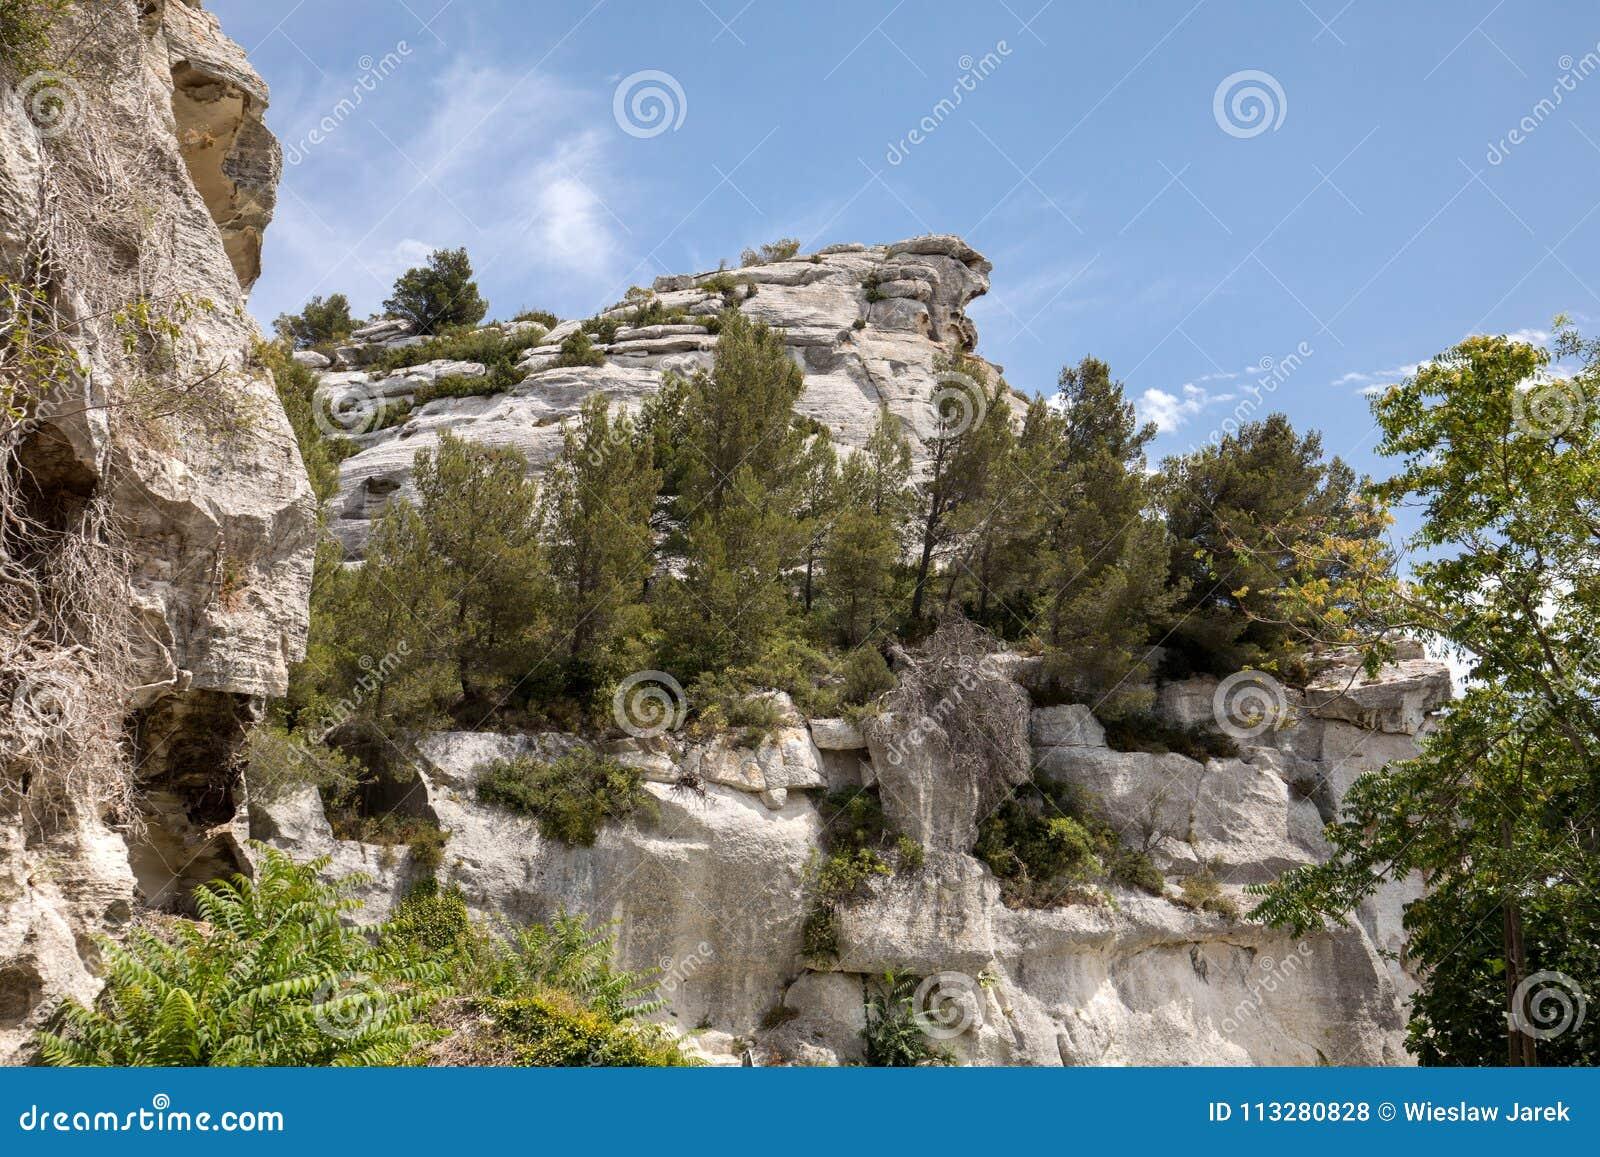 ` Efner Val d, Les Baux de Провансаль, Bouches-du-Рона, Провансаль